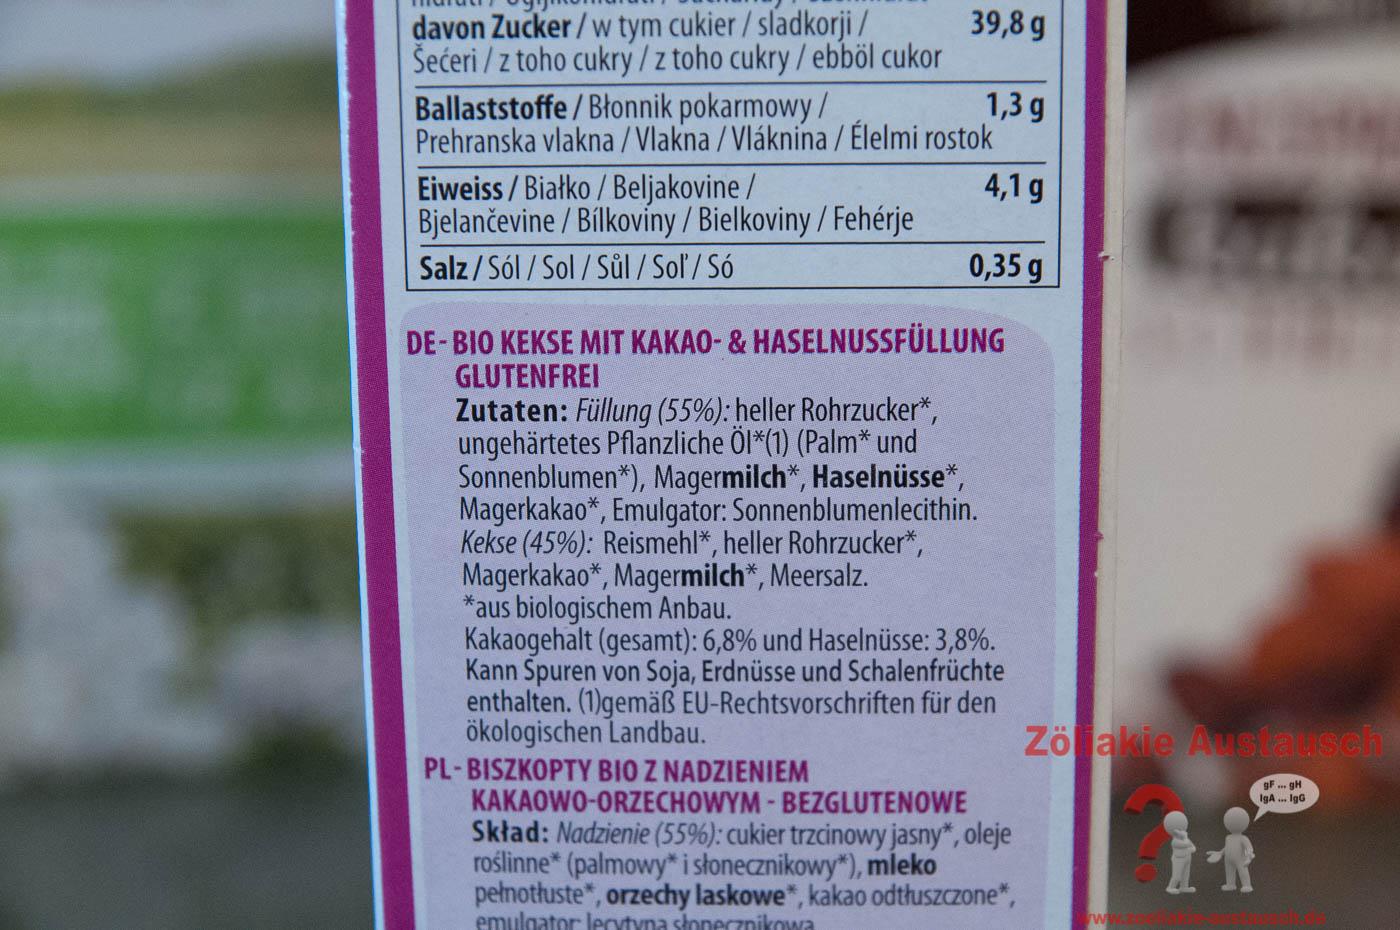 Zoeliakie_Austausch_Blumenbrot-004